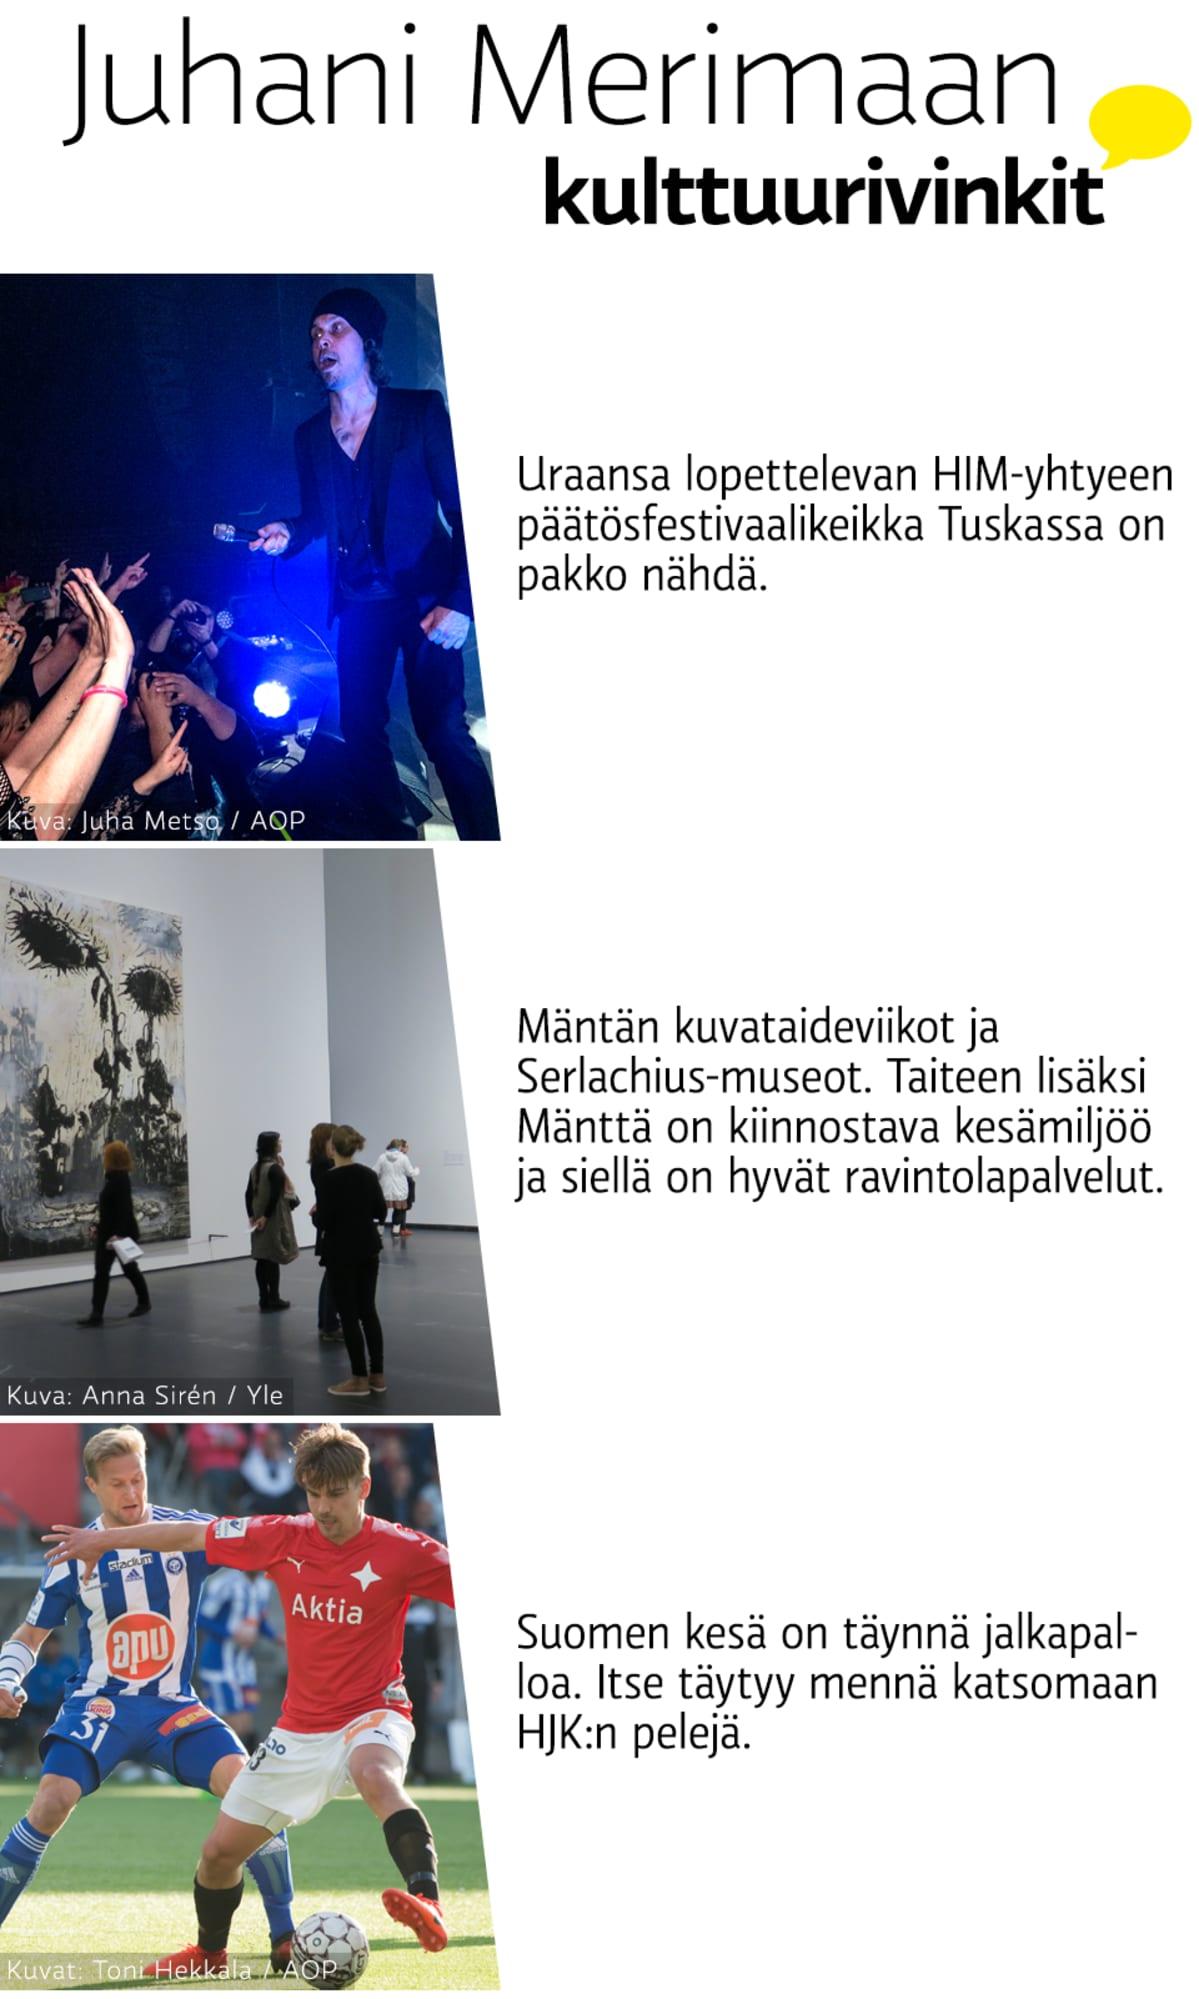 Juhani Merimaan kulttuurivinkit.